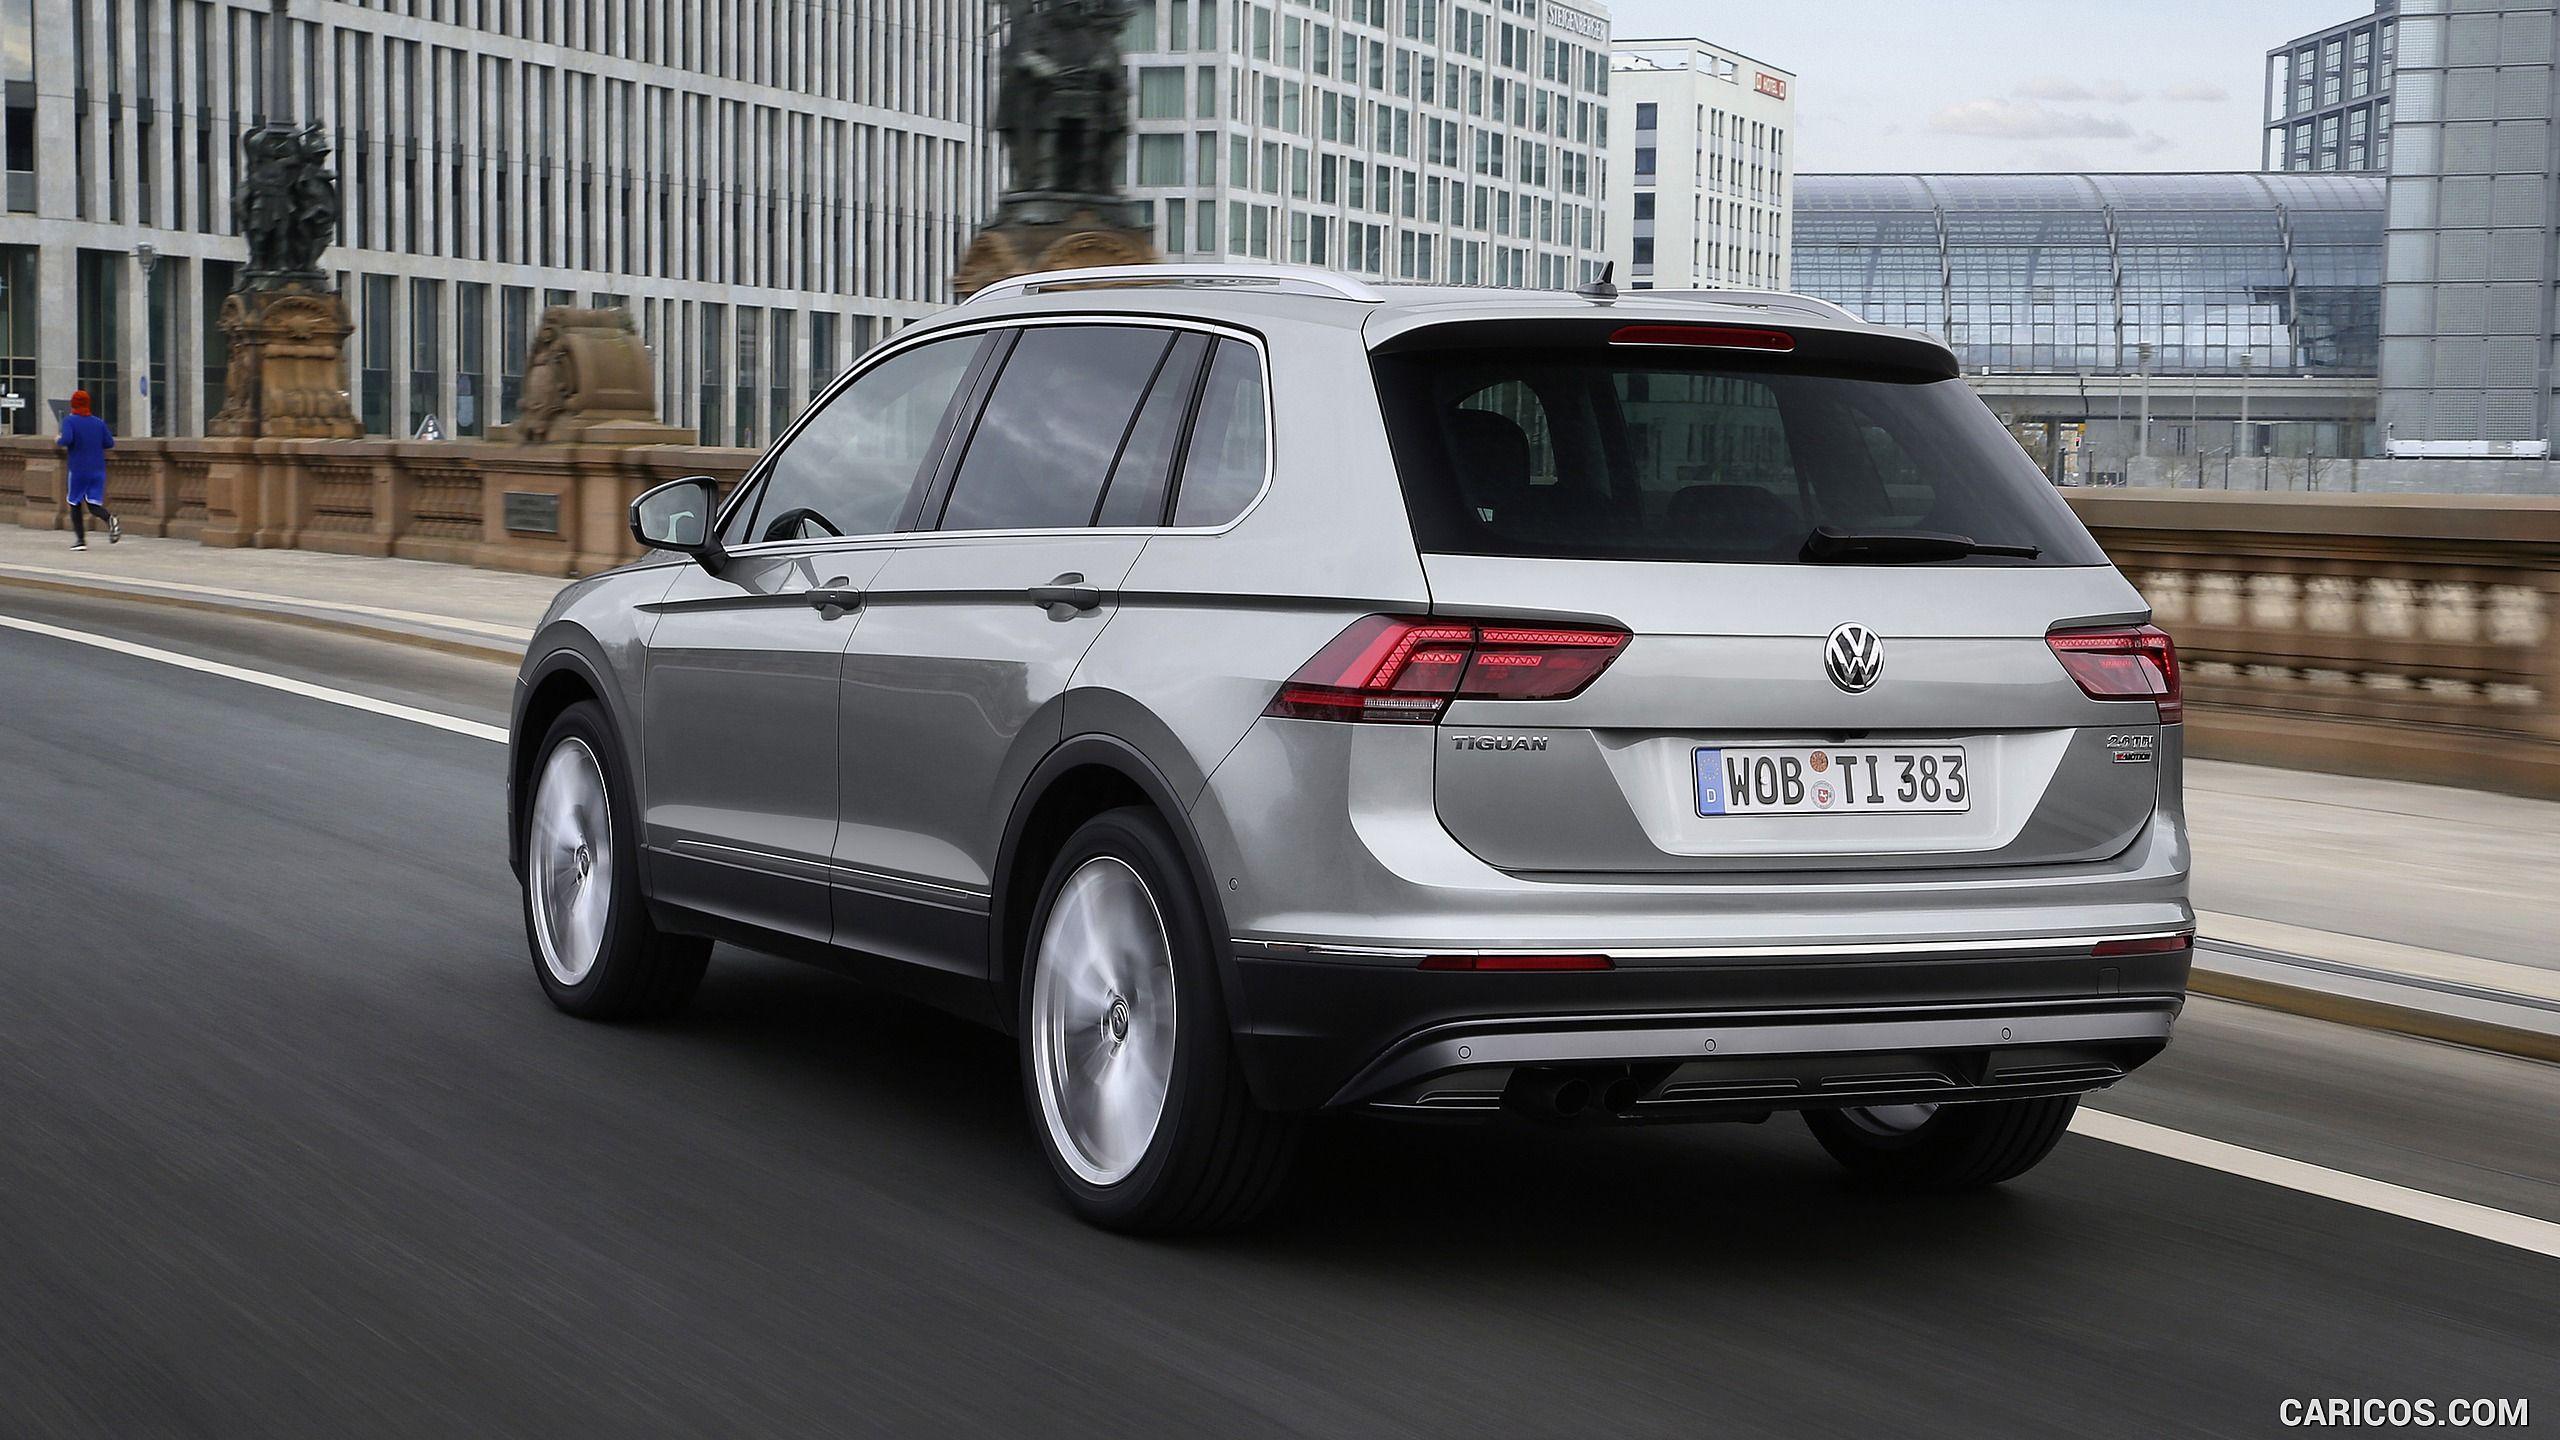 2017 Volkswagen Tiguan Volkswagen Volkswagen Models Car Shop